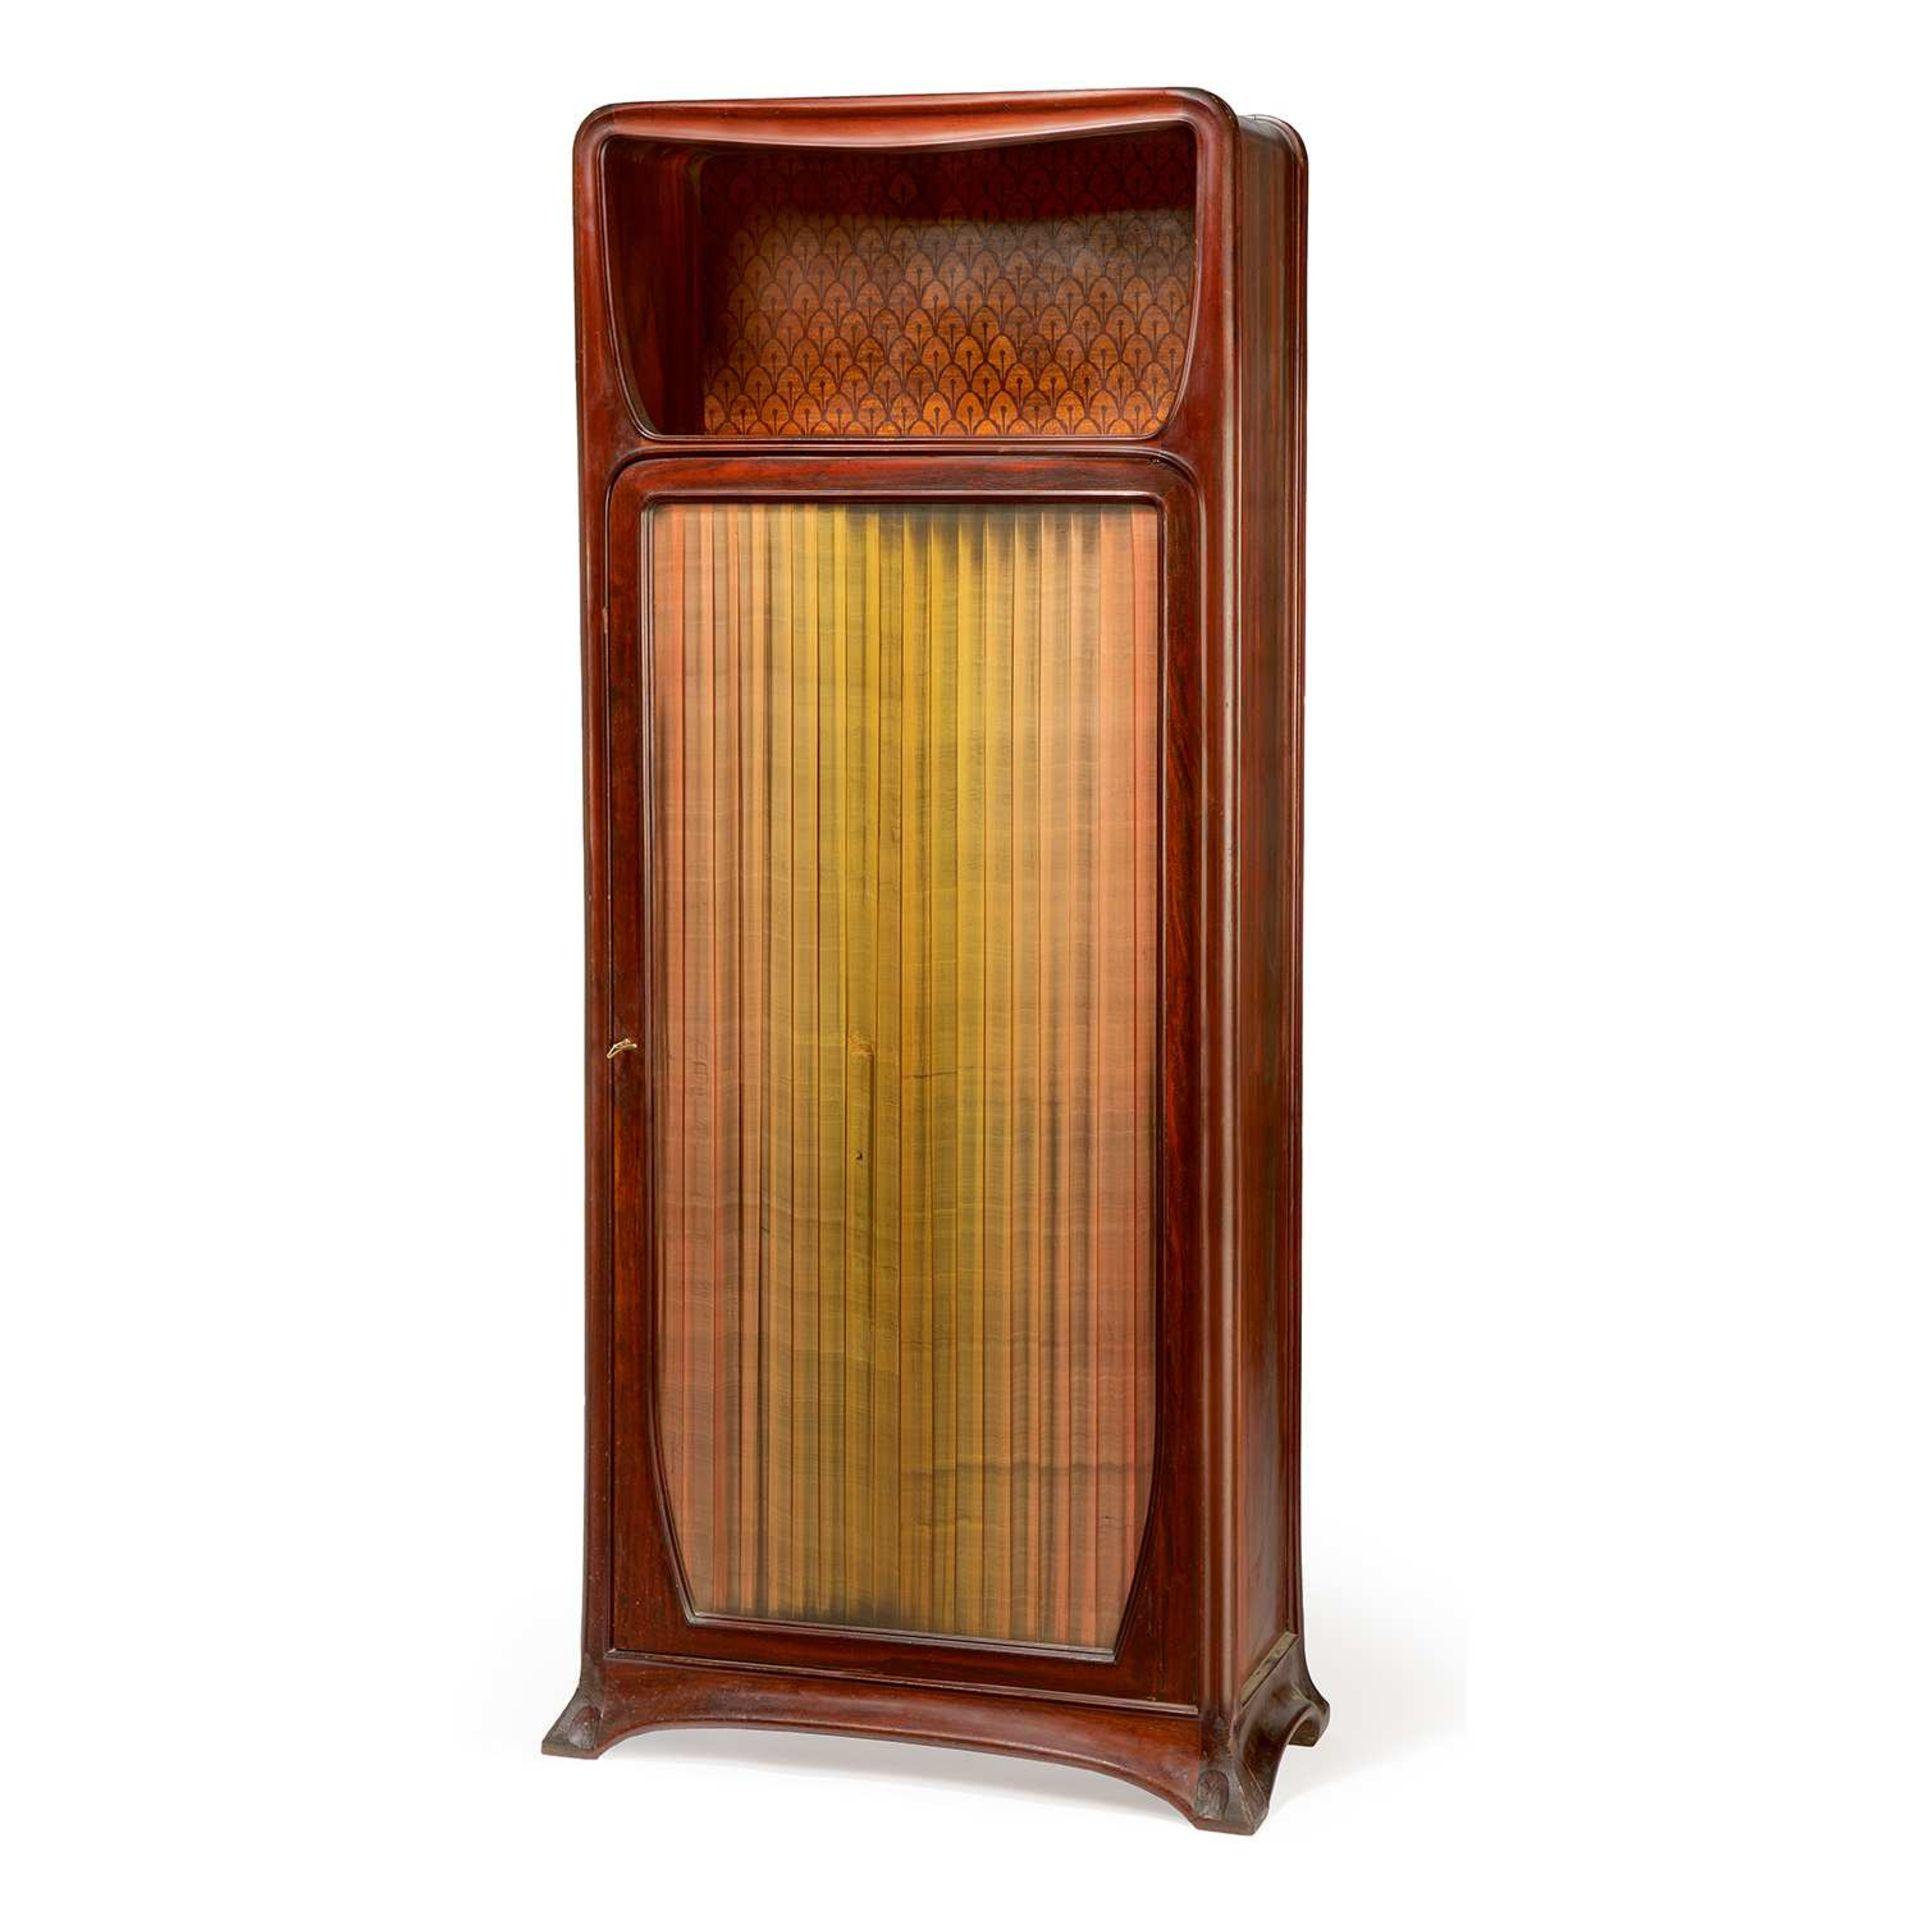 Los 5 - LOUIS MAJORELLE (1859-1926) Meuble de rangement, à structure en acajou et palissandre, piétement